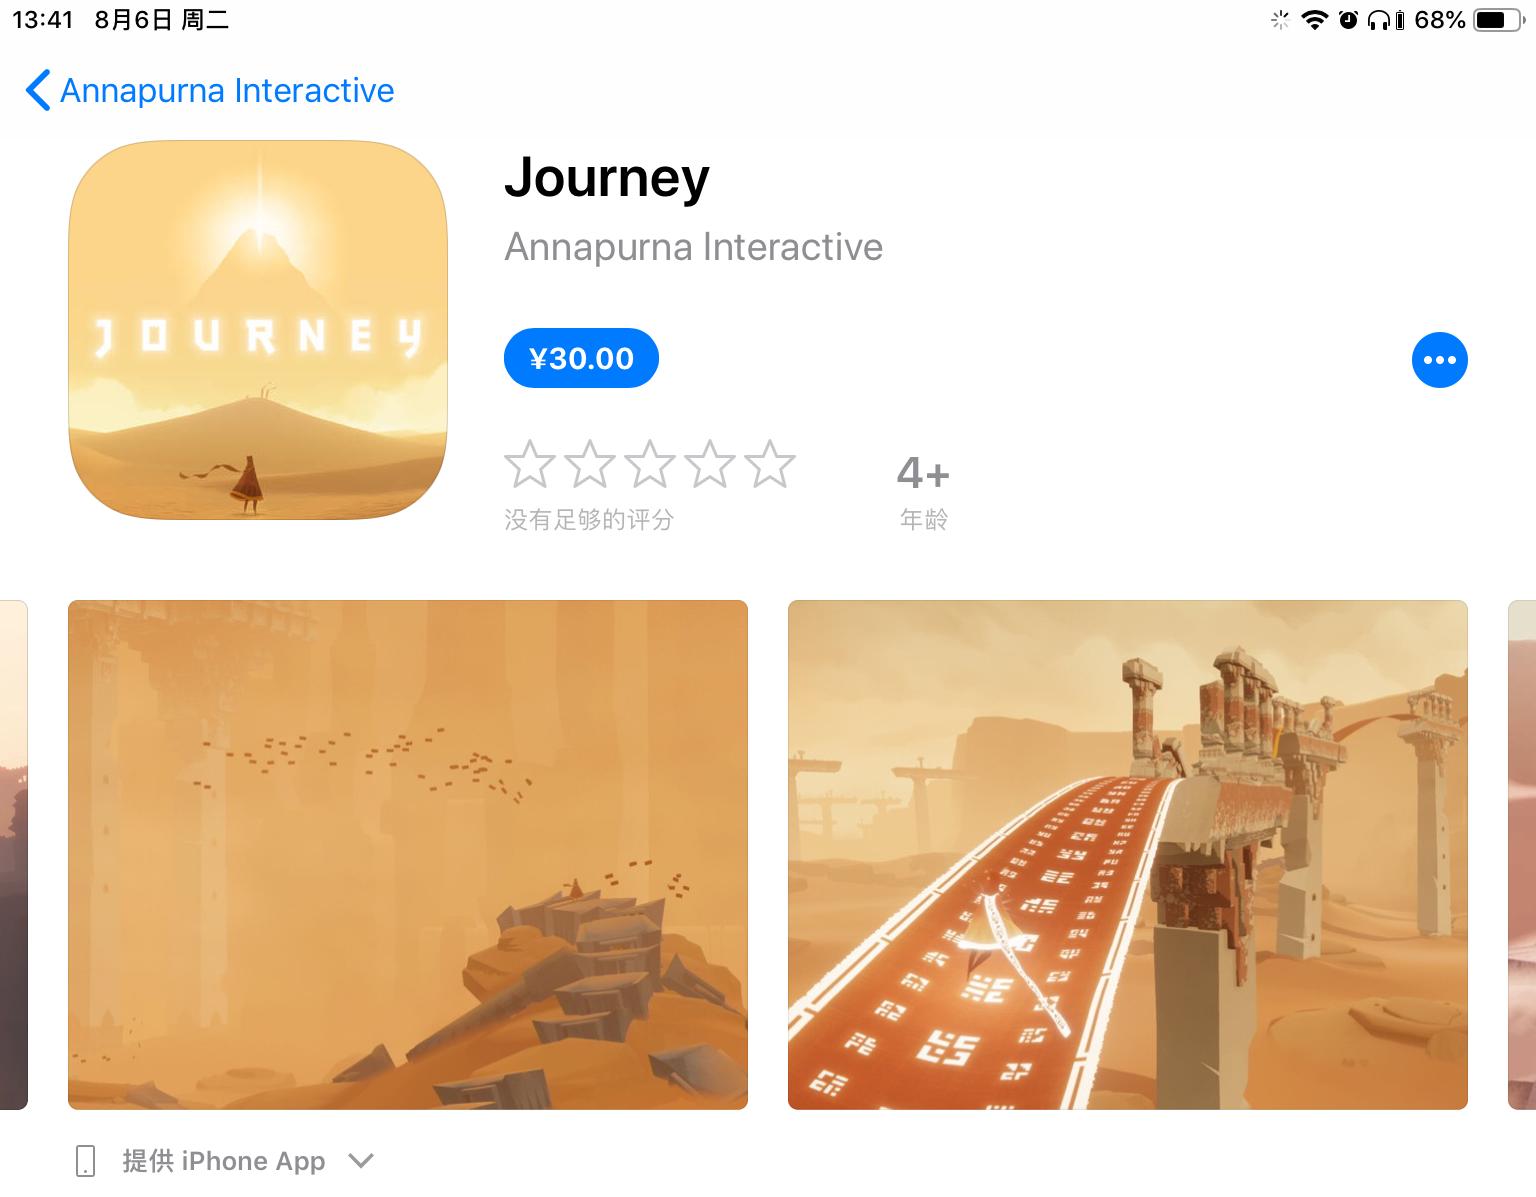 陈星汉《风之旅人》现已登陆iOS平台 售价30元[视频][多图]图片1